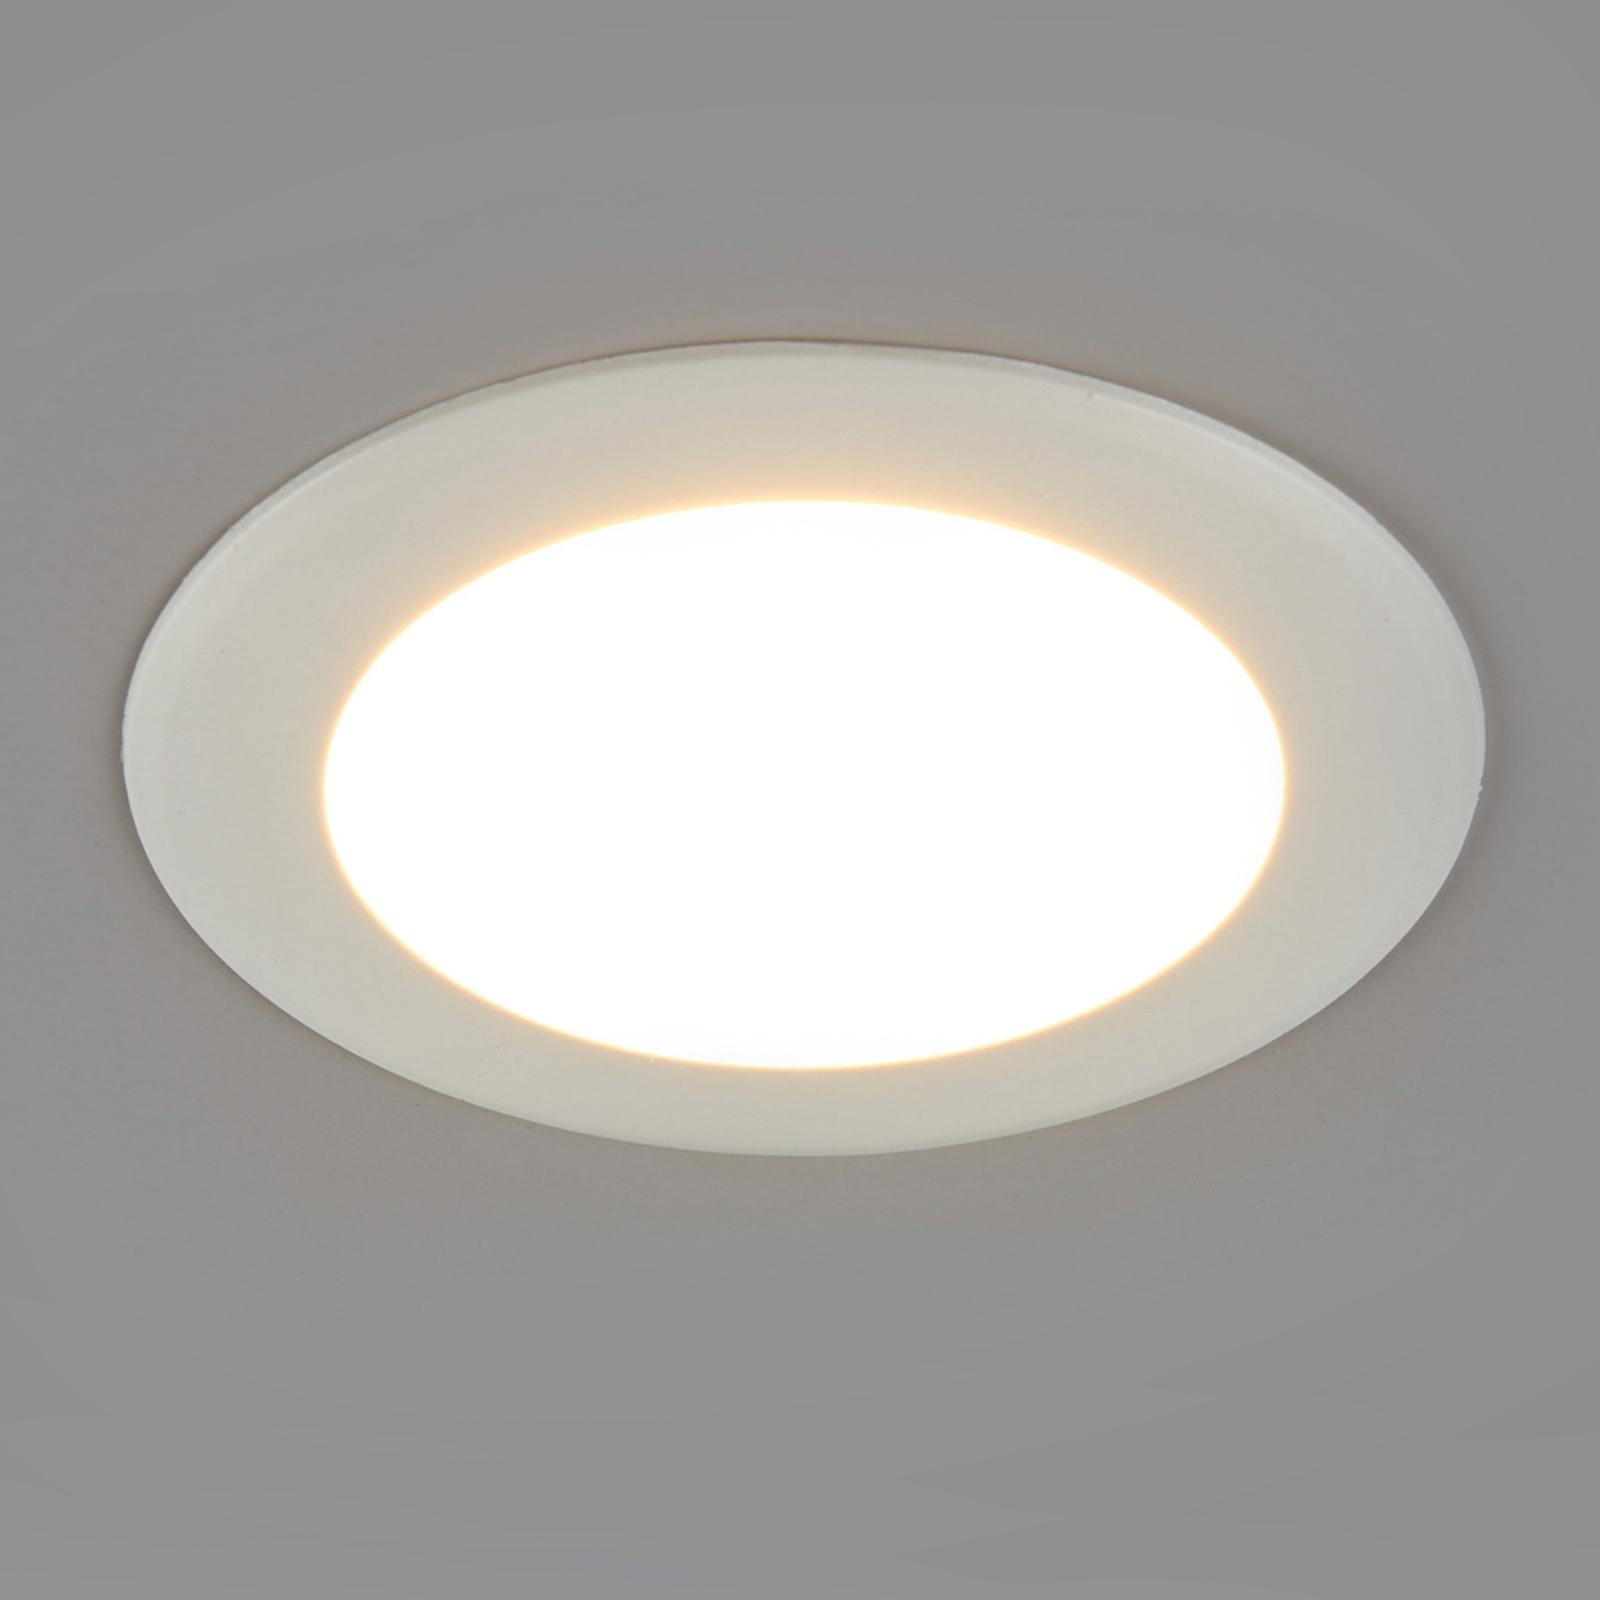 Rund LED-indbygningslampe Arian, 9,2 cm 6W